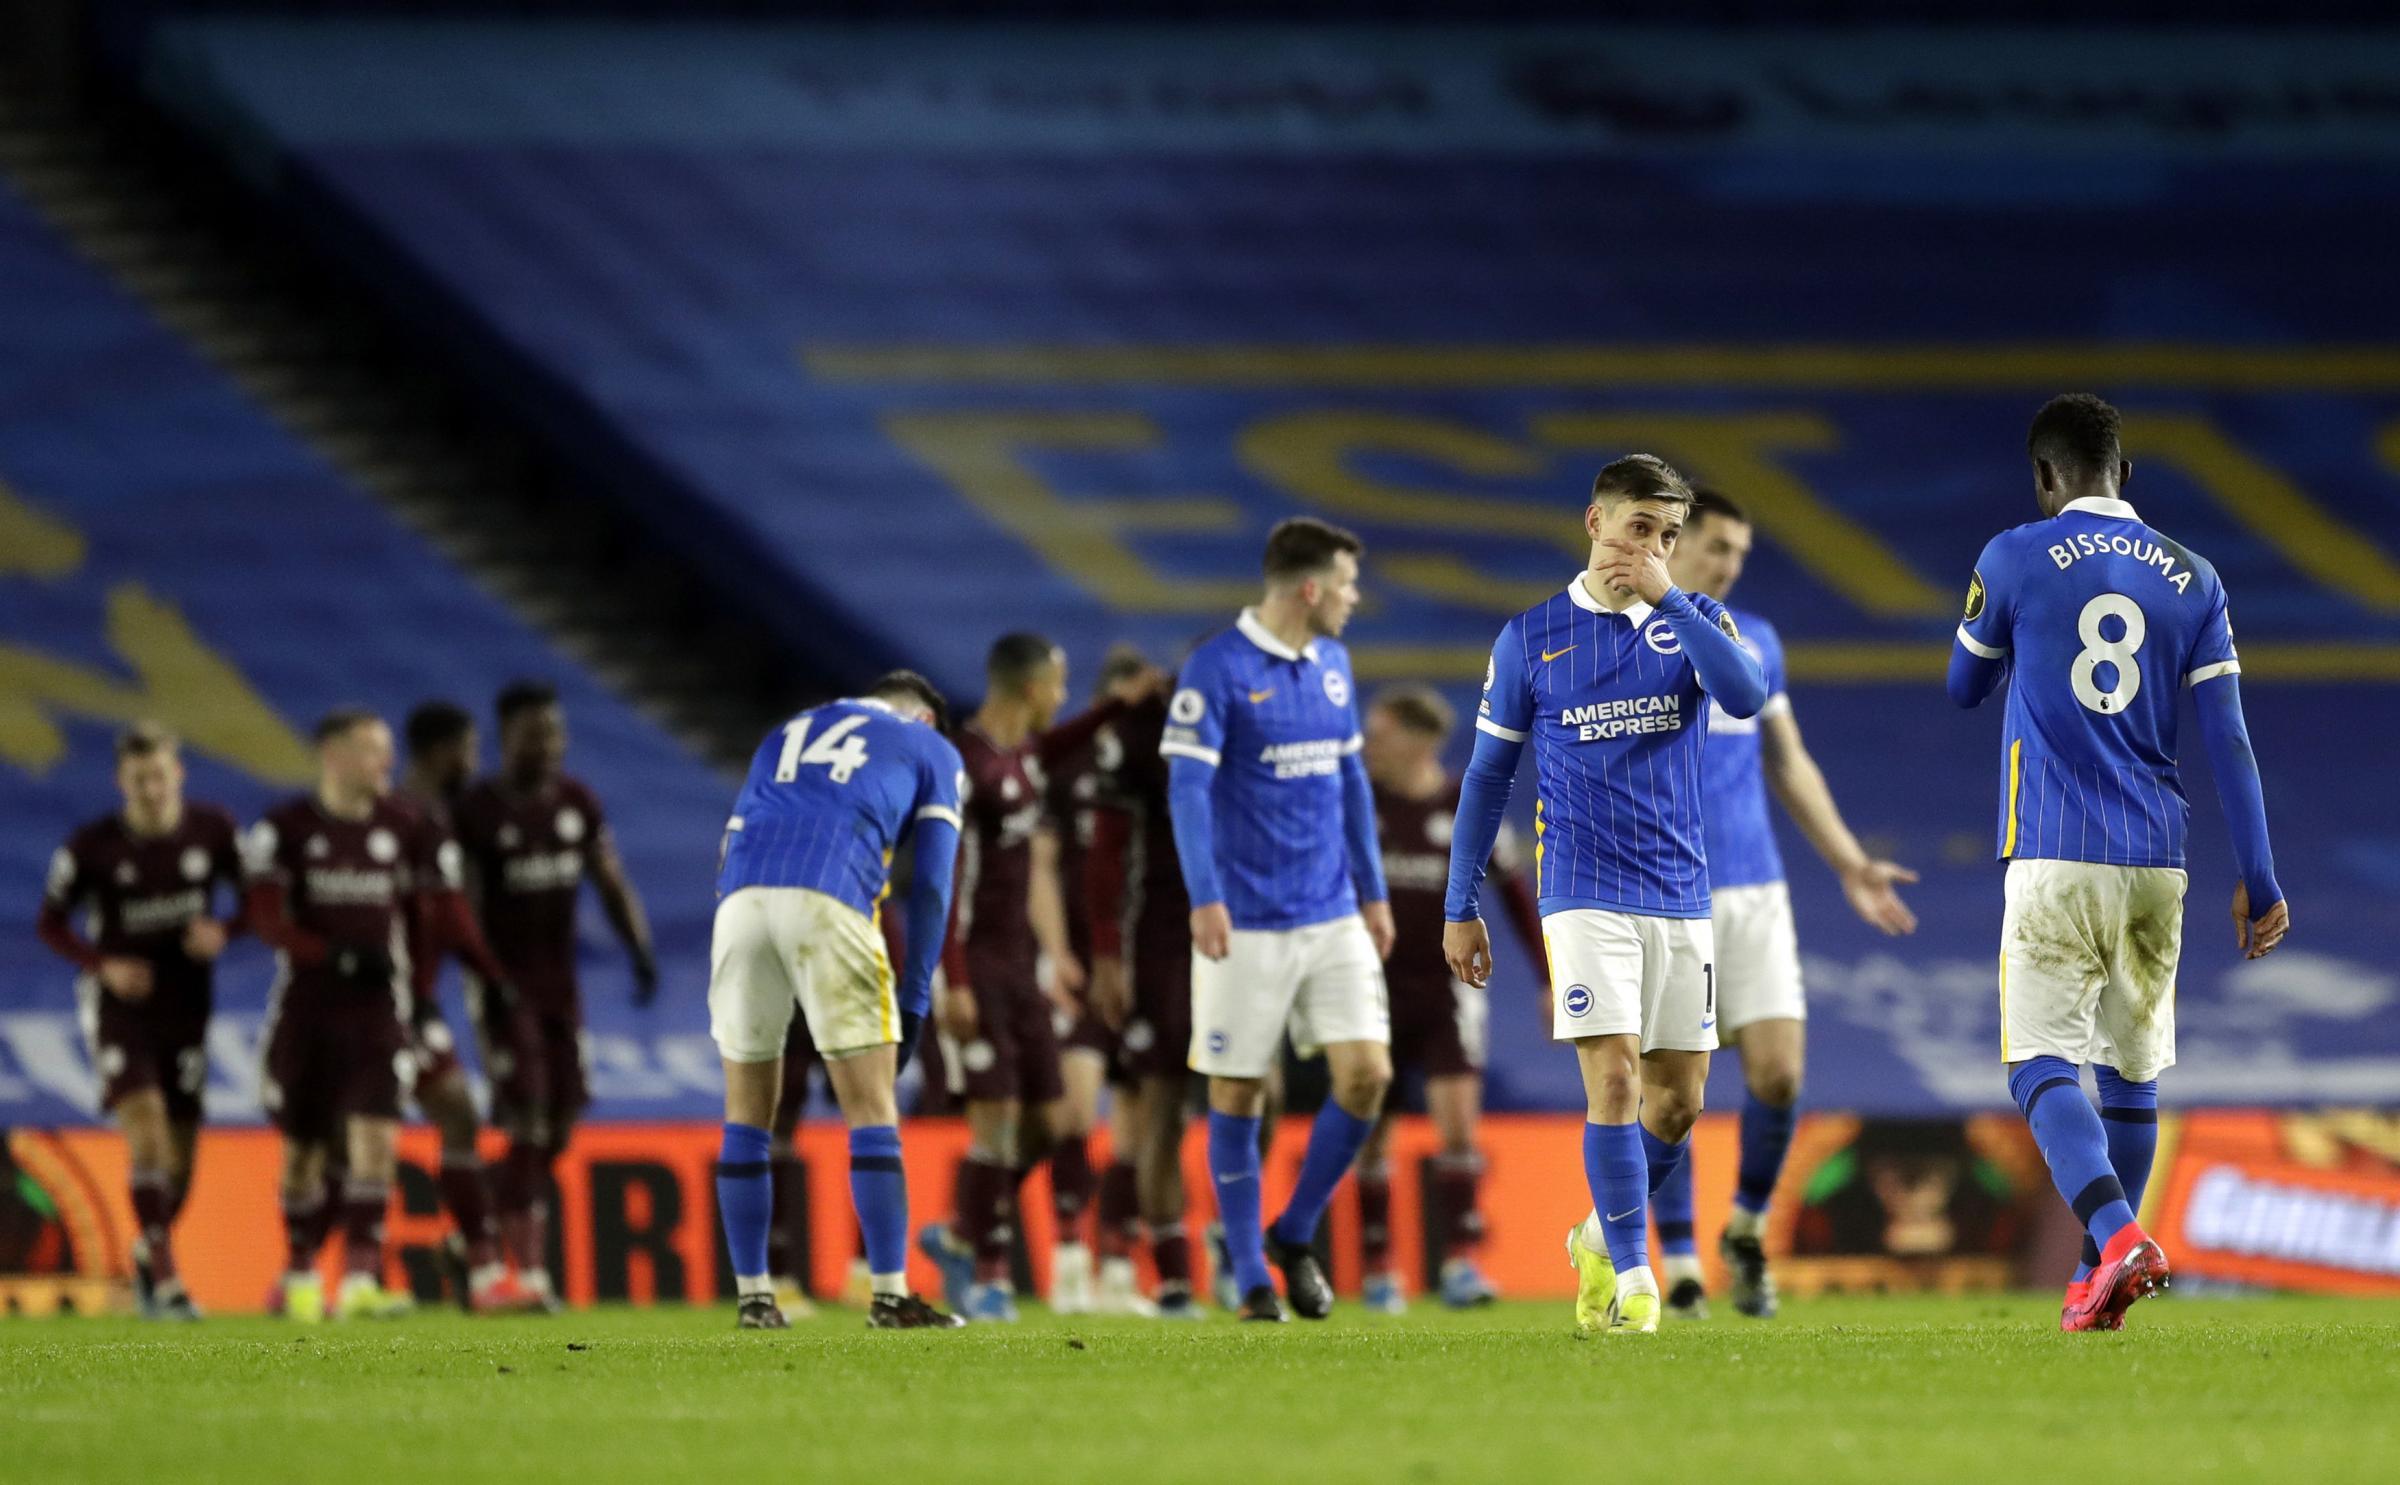 Albion fans remain hopeful despite worrying league position